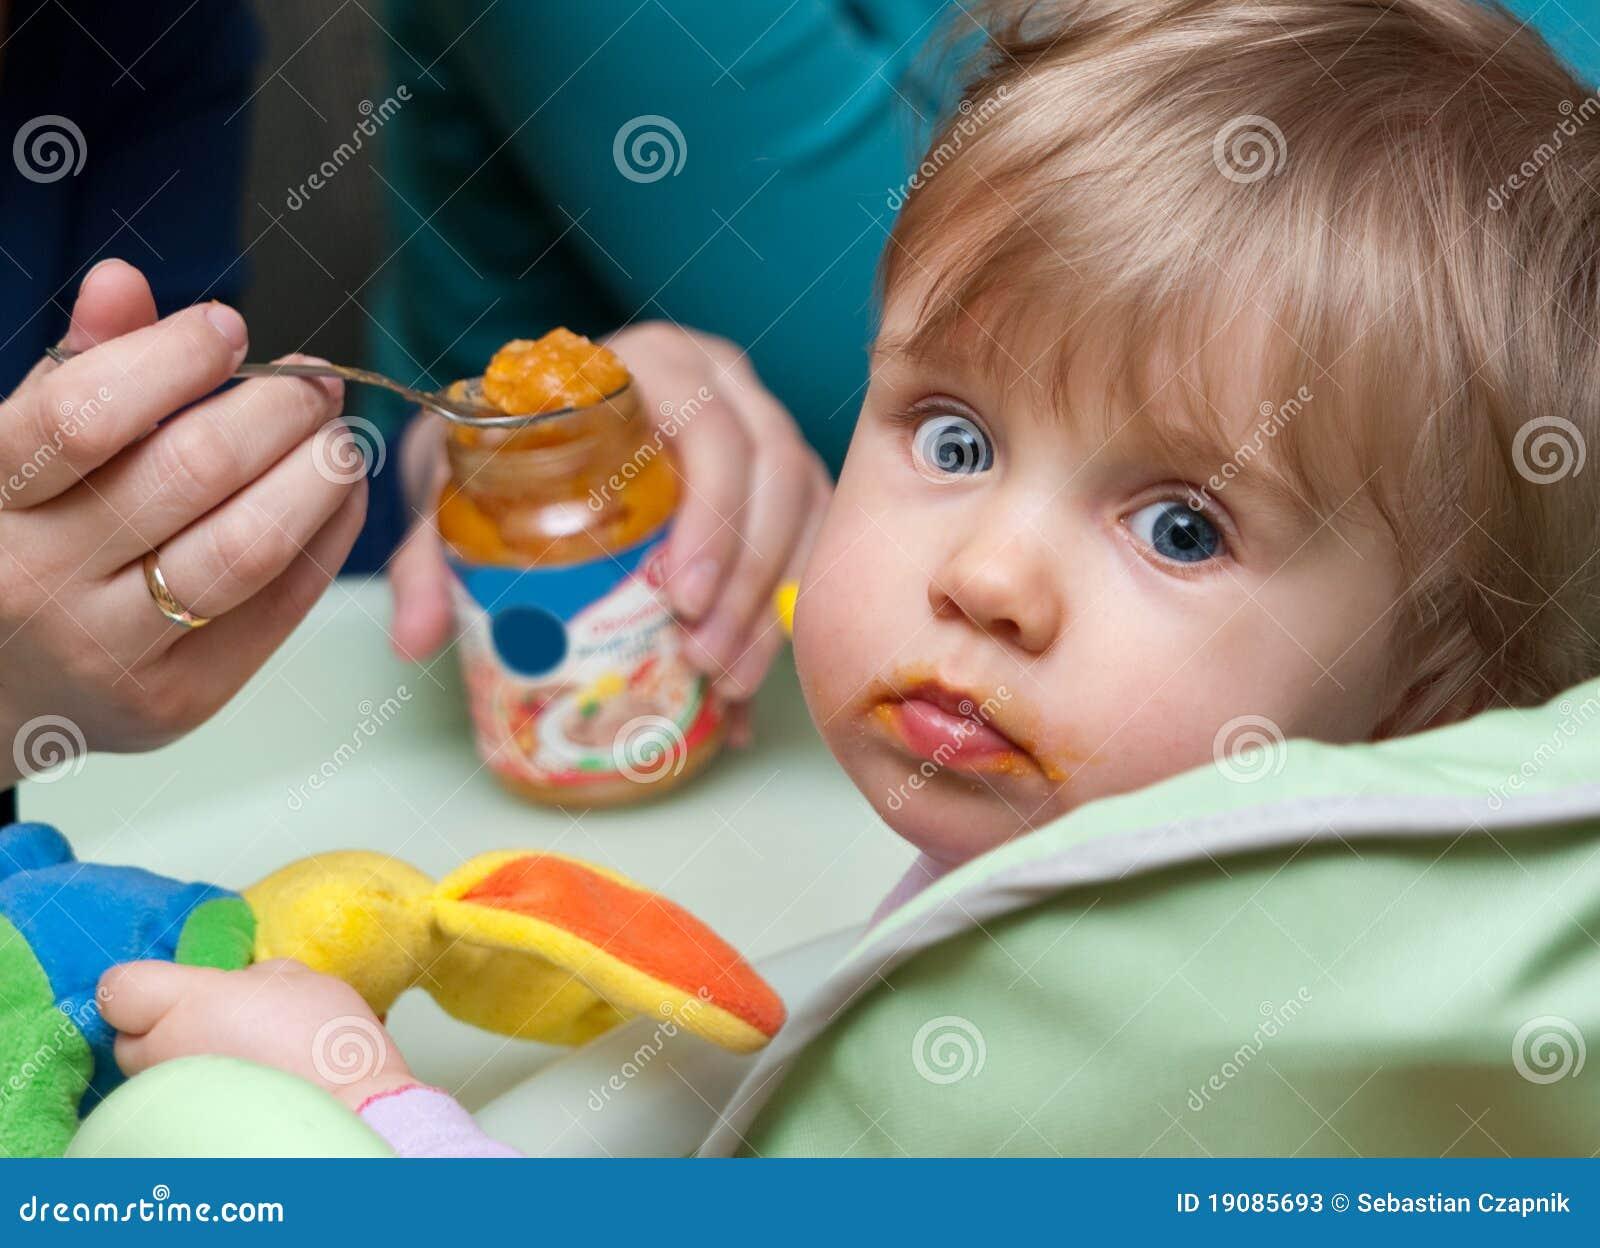 ταΐζοντας πρόσωπο κοριτσ